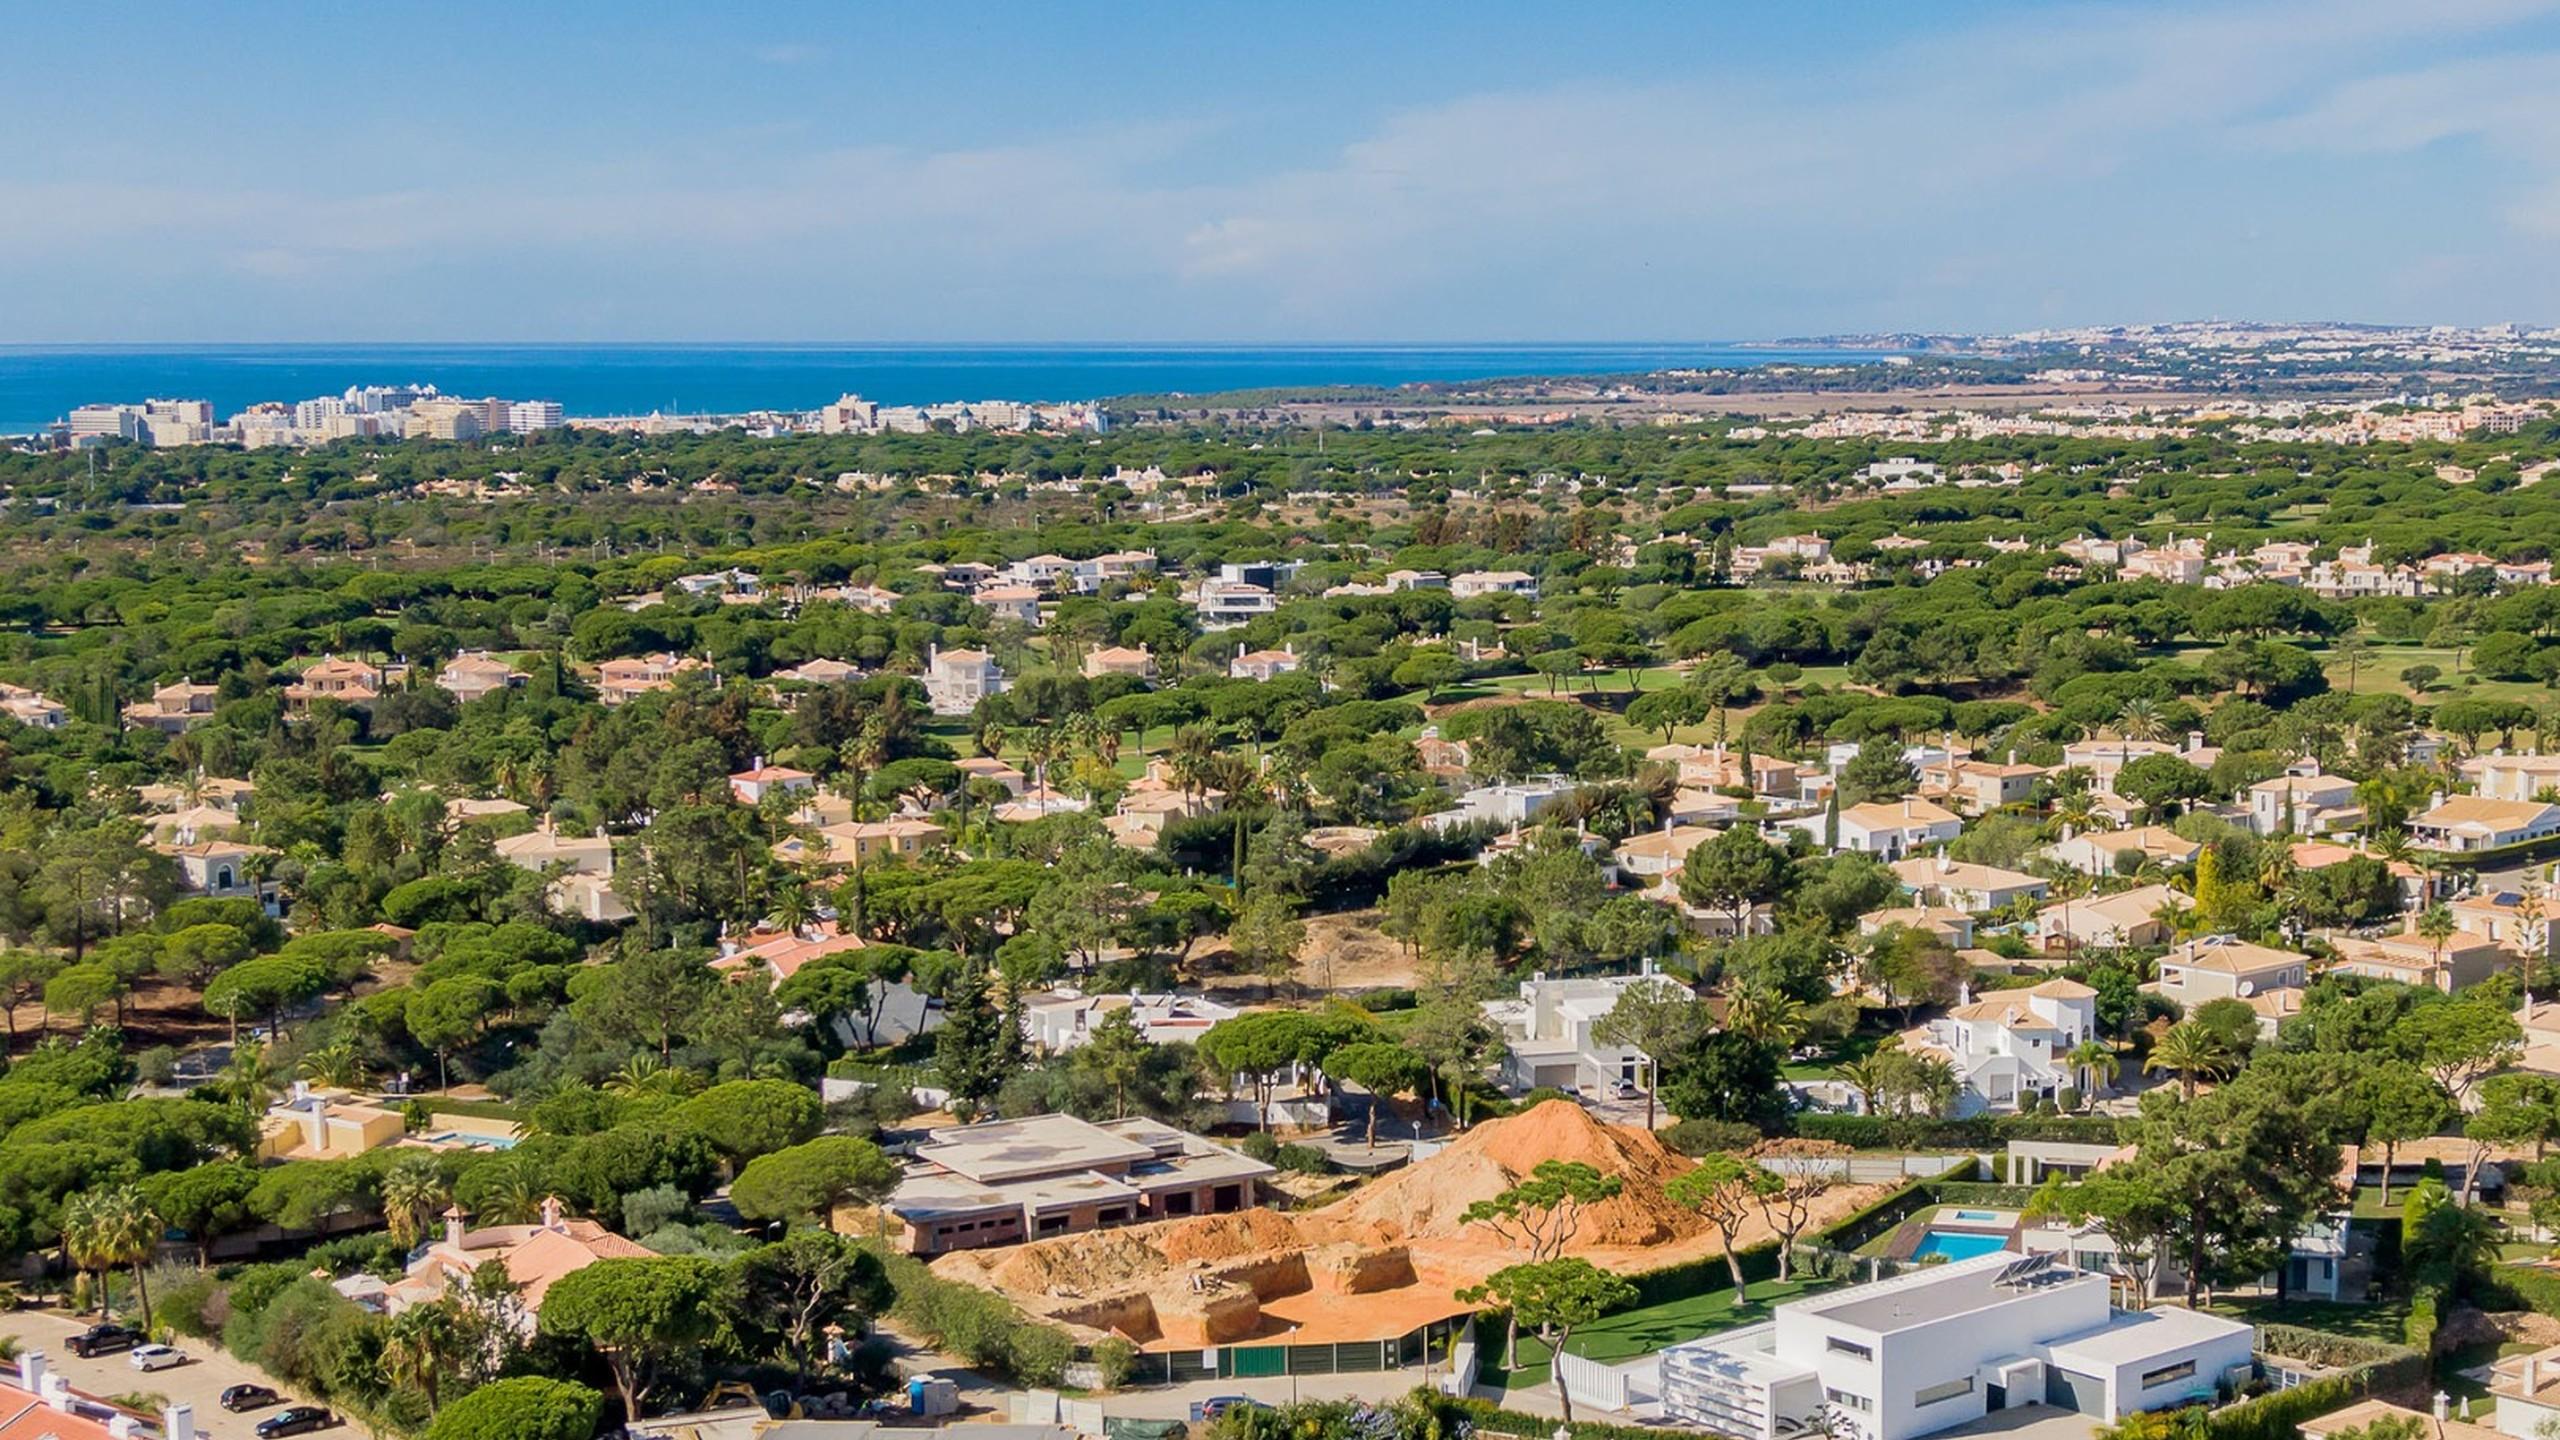 Moradia ensolarada para venda no Algarve